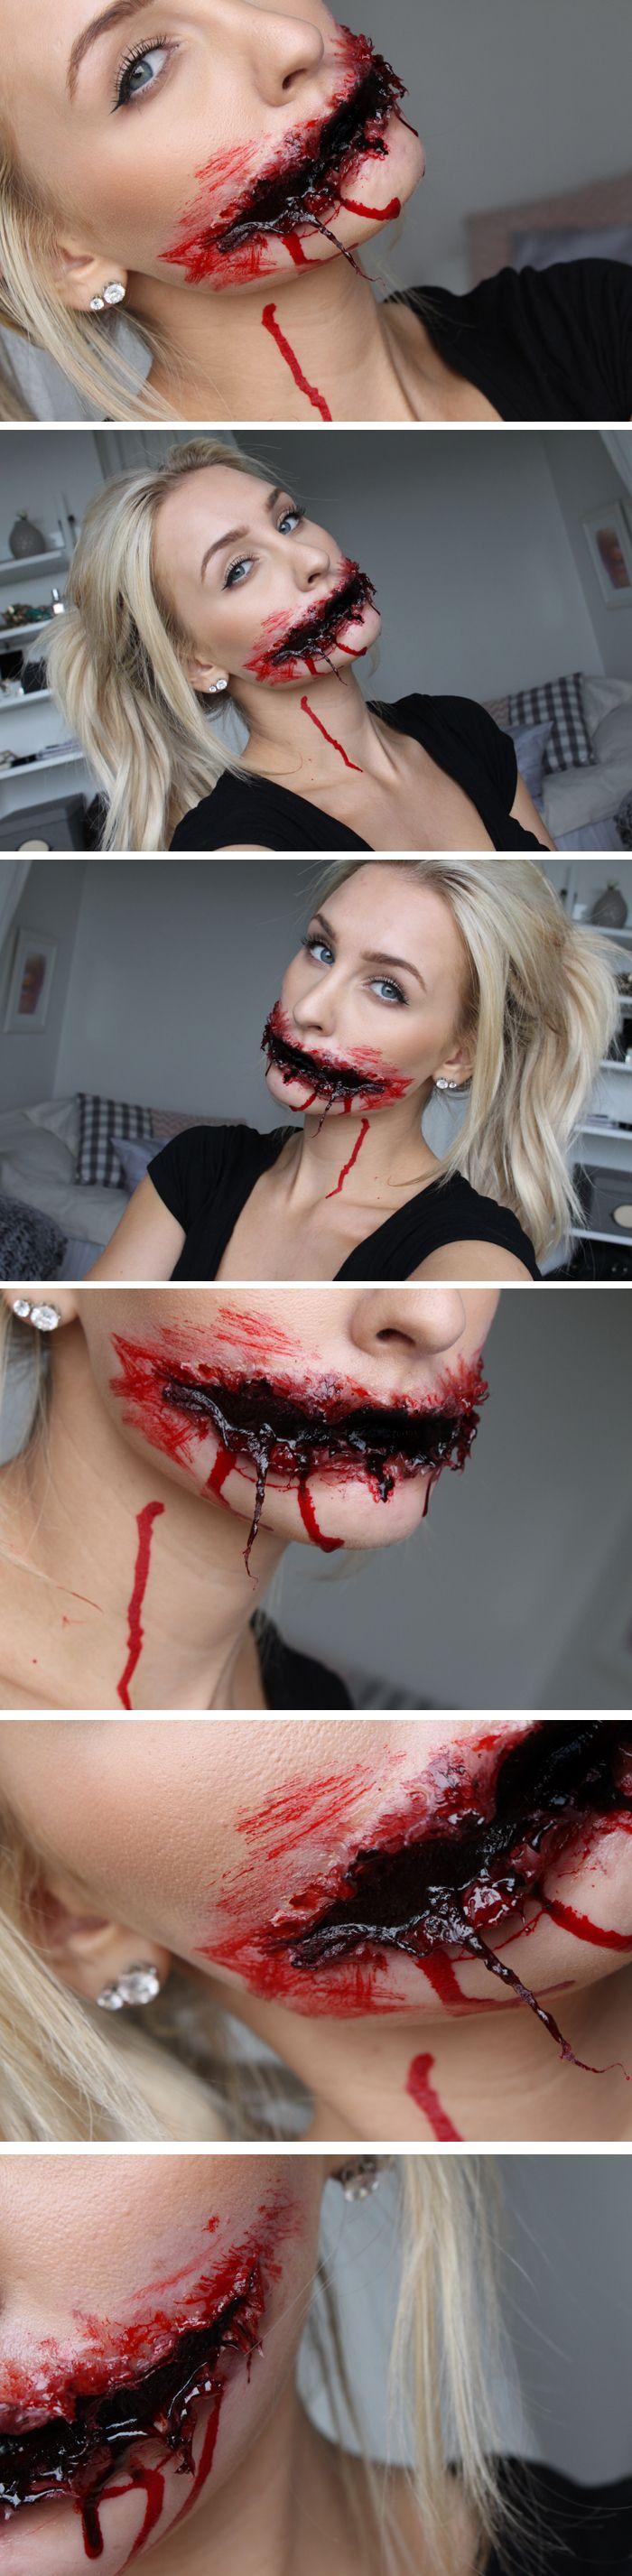 Dagens makeup - Death to duckface (VARNING FÖR BLOD!!)